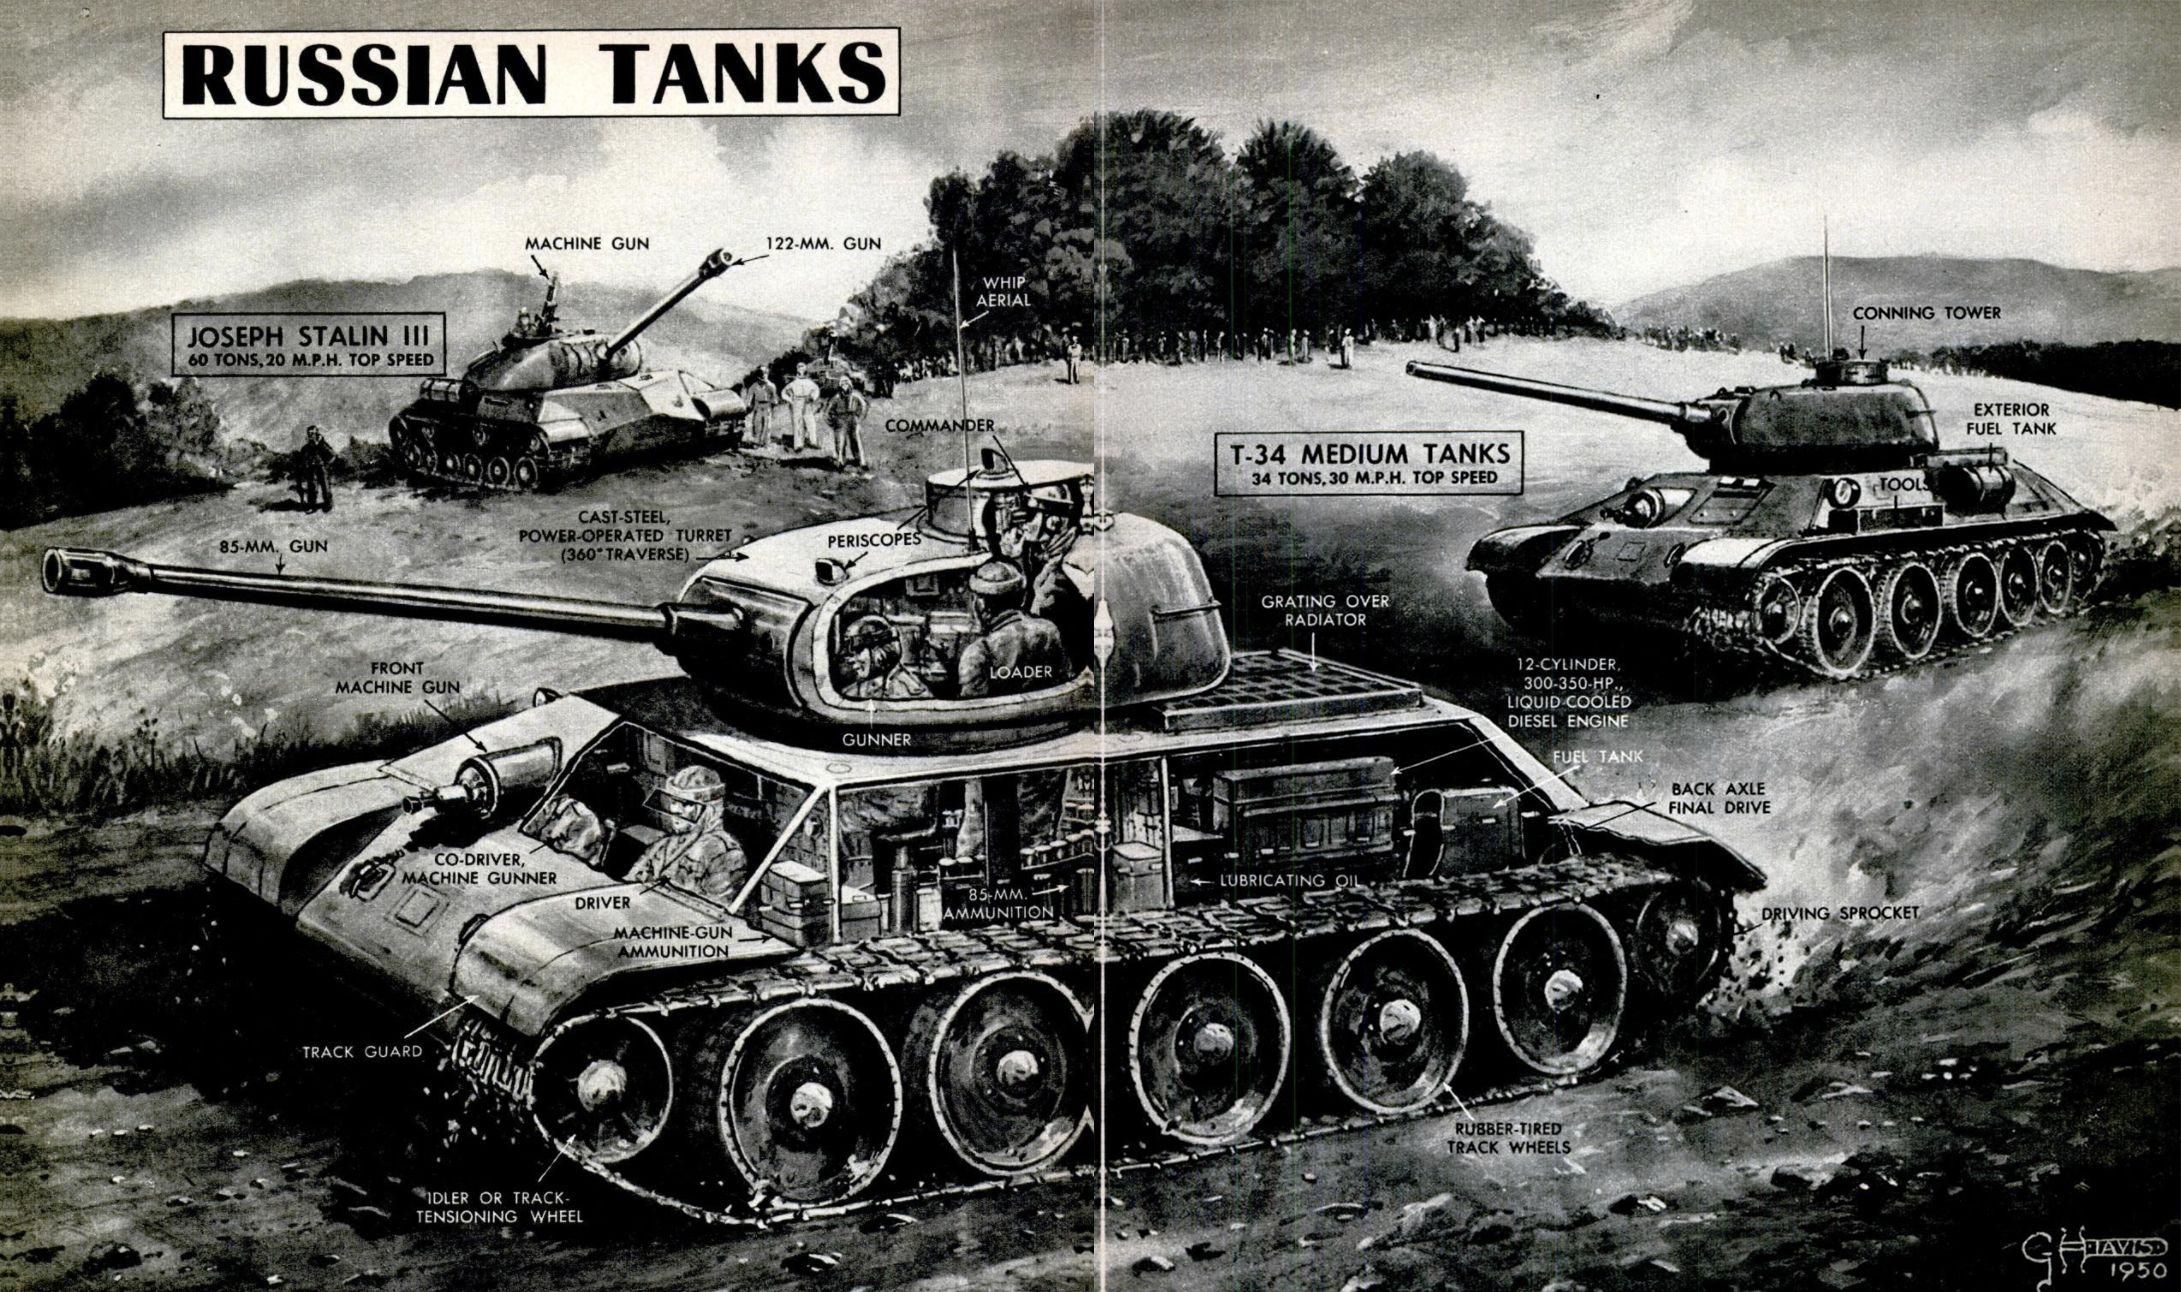 Uma ilustração do tanque soviético T-34 da edição de novembro de 1950 da Popular Mechanics .